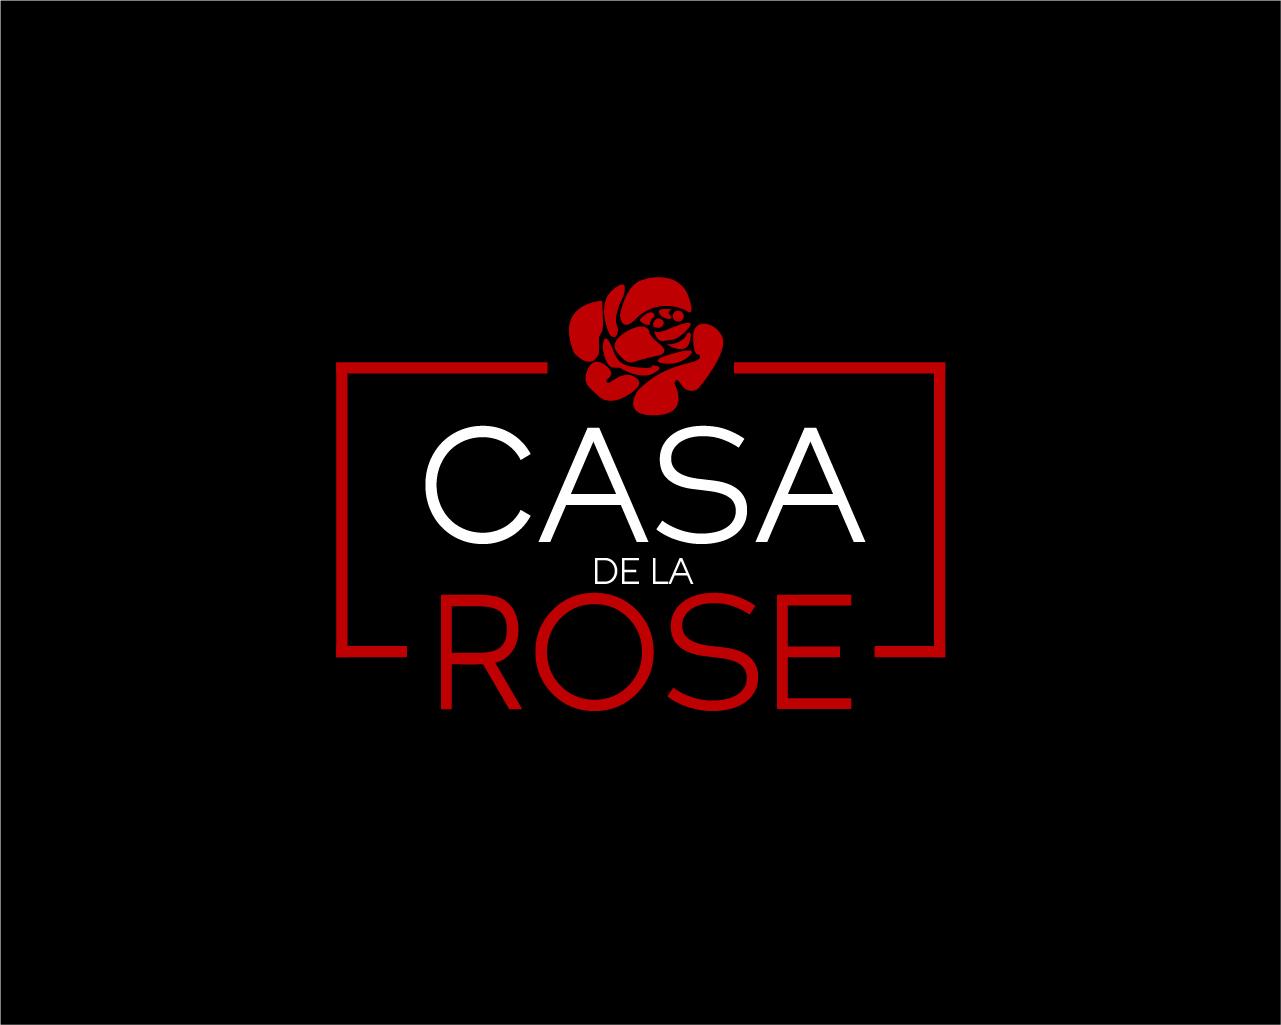 Логотип + Фирменный знак для элитного поселка Casa De La Rosa фото f_2915cd465c971973.jpg